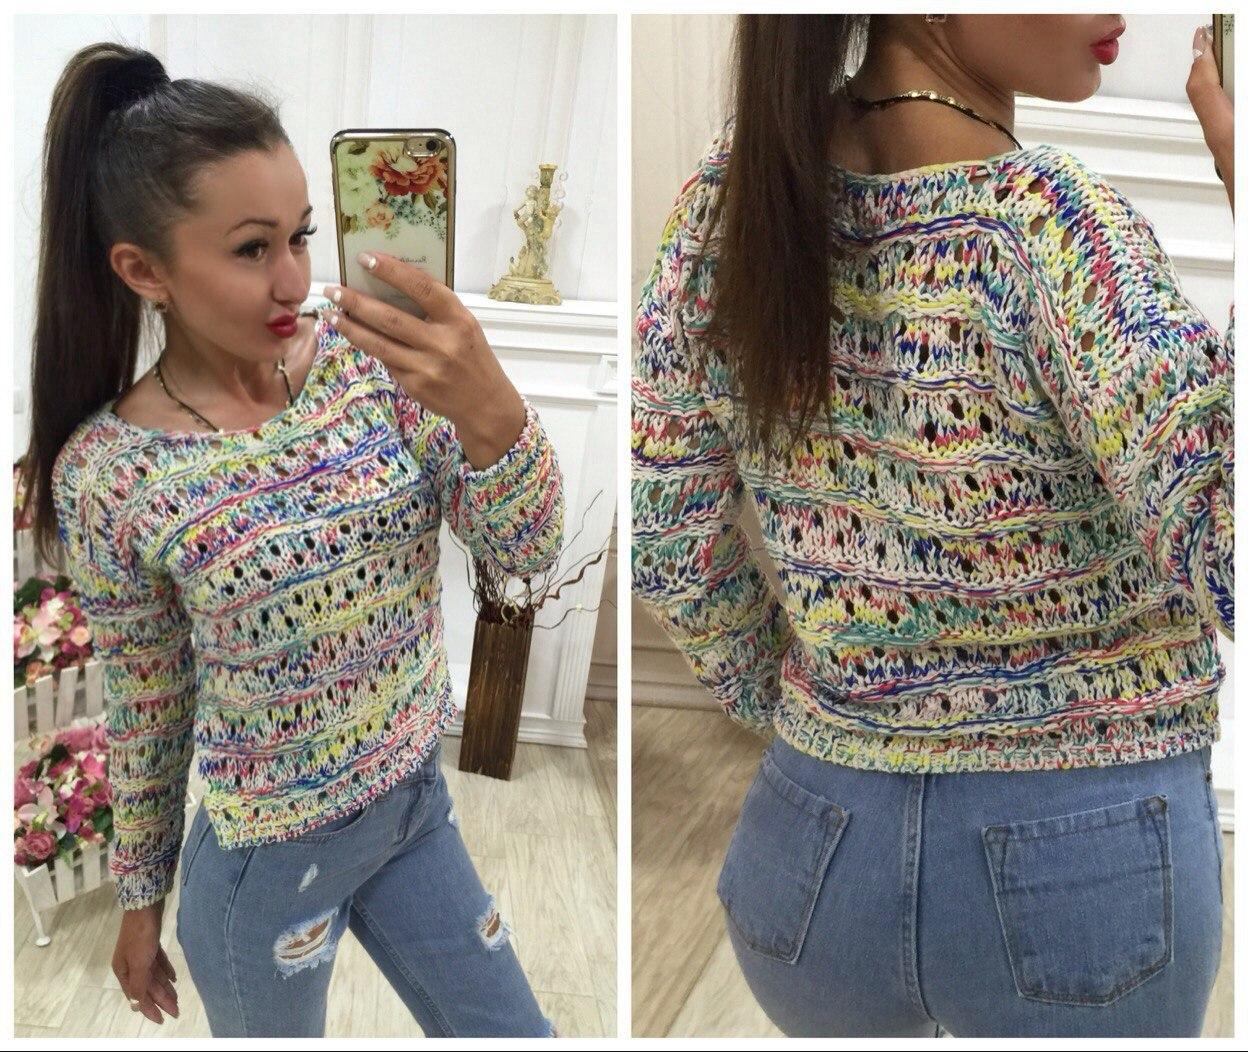 Вязанный цветной свитер. Пр-во Турции.